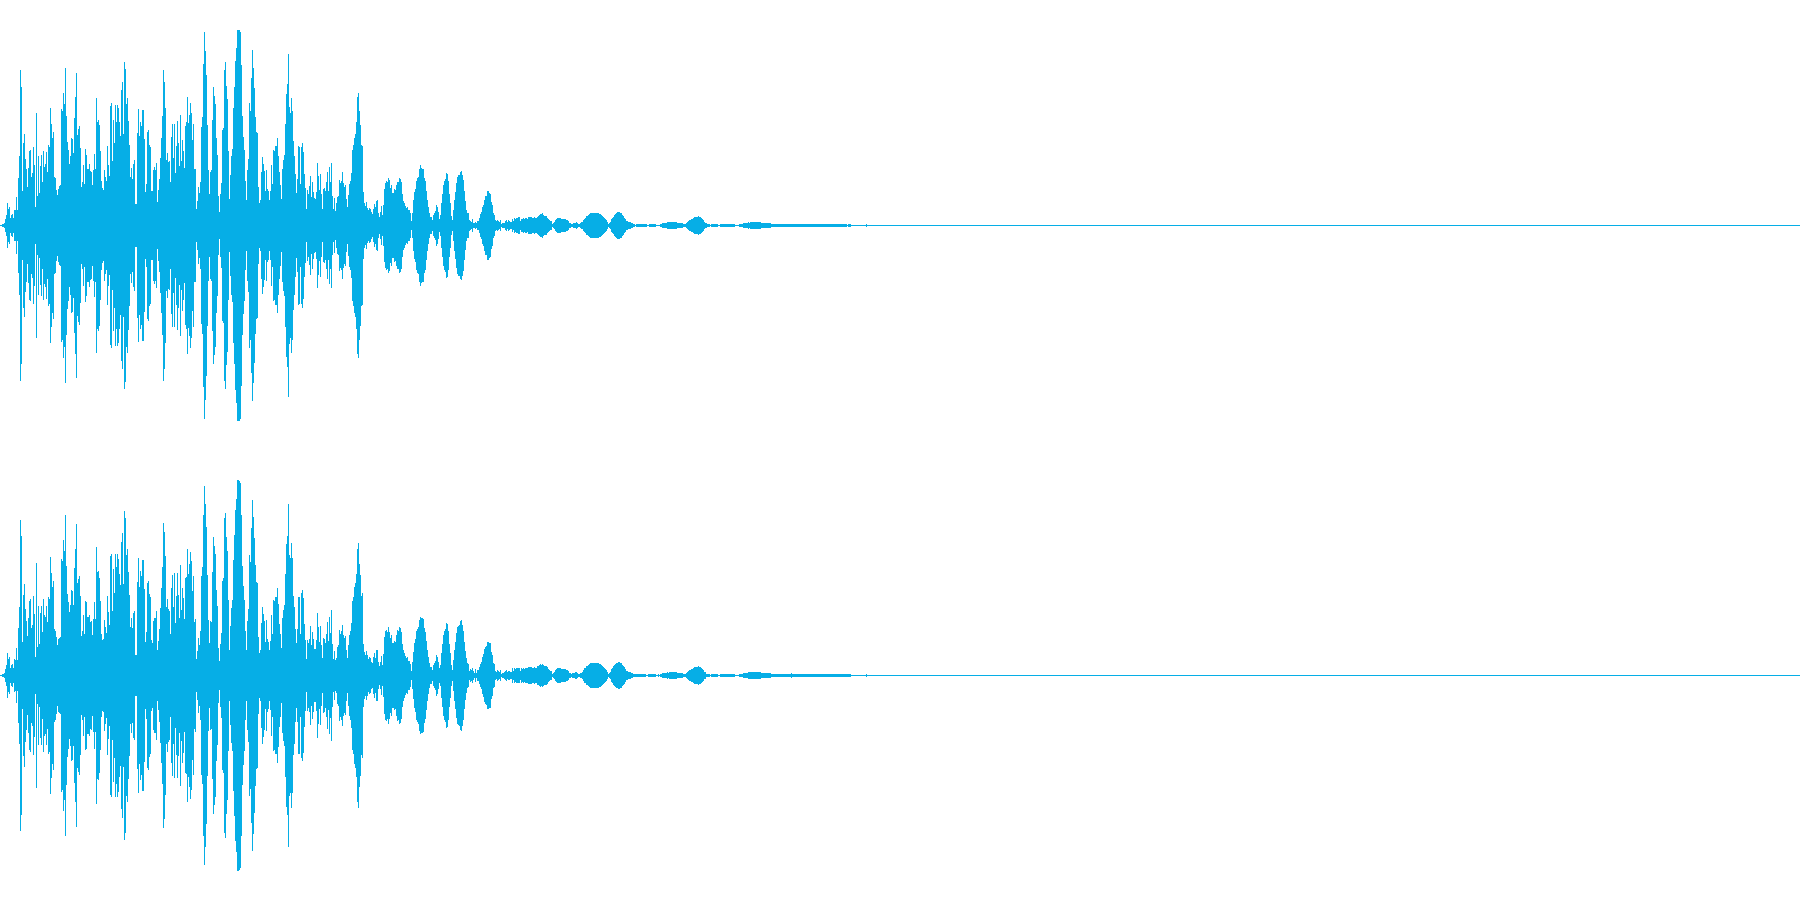 ドスッ 重めの足音の再生済みの波形